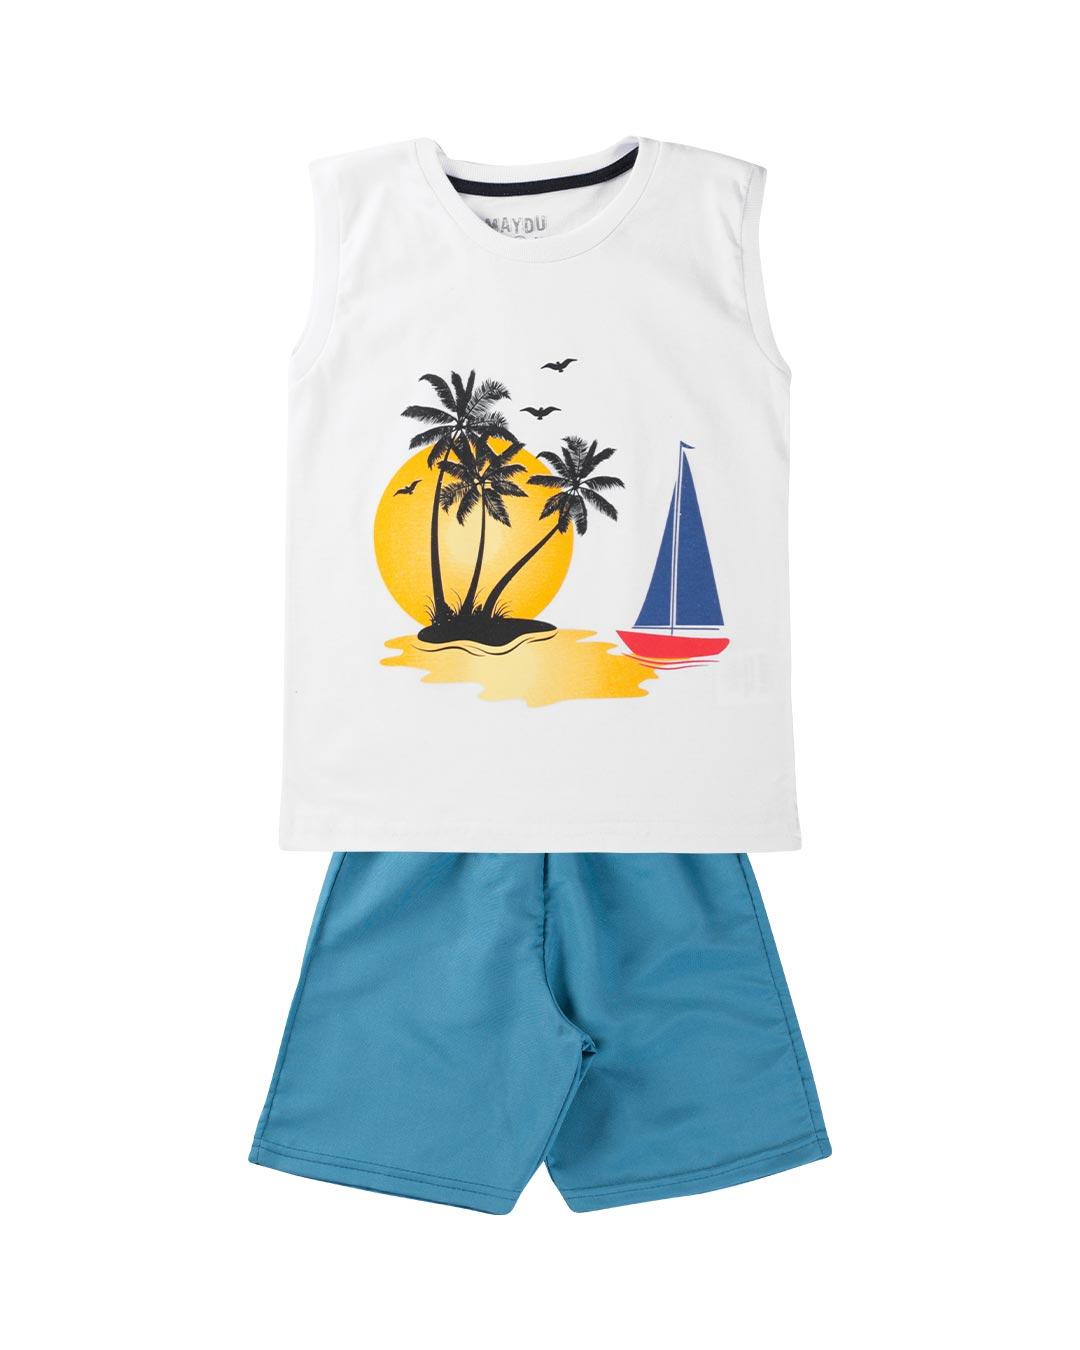 Conjunto Infantil Tropical - Maydu Kids